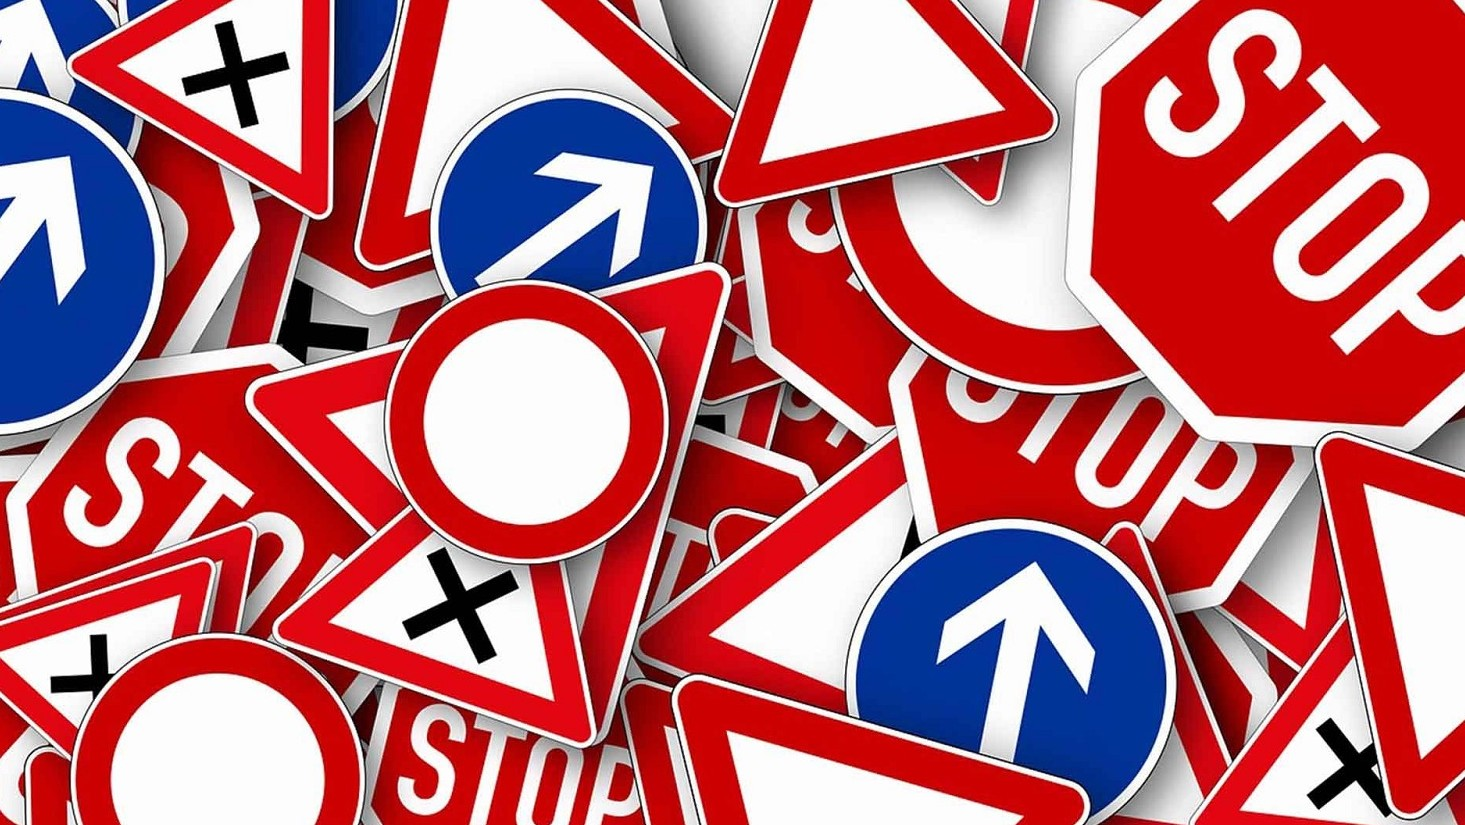 Cosa dice l'articolo 7 del Codice della Strada?